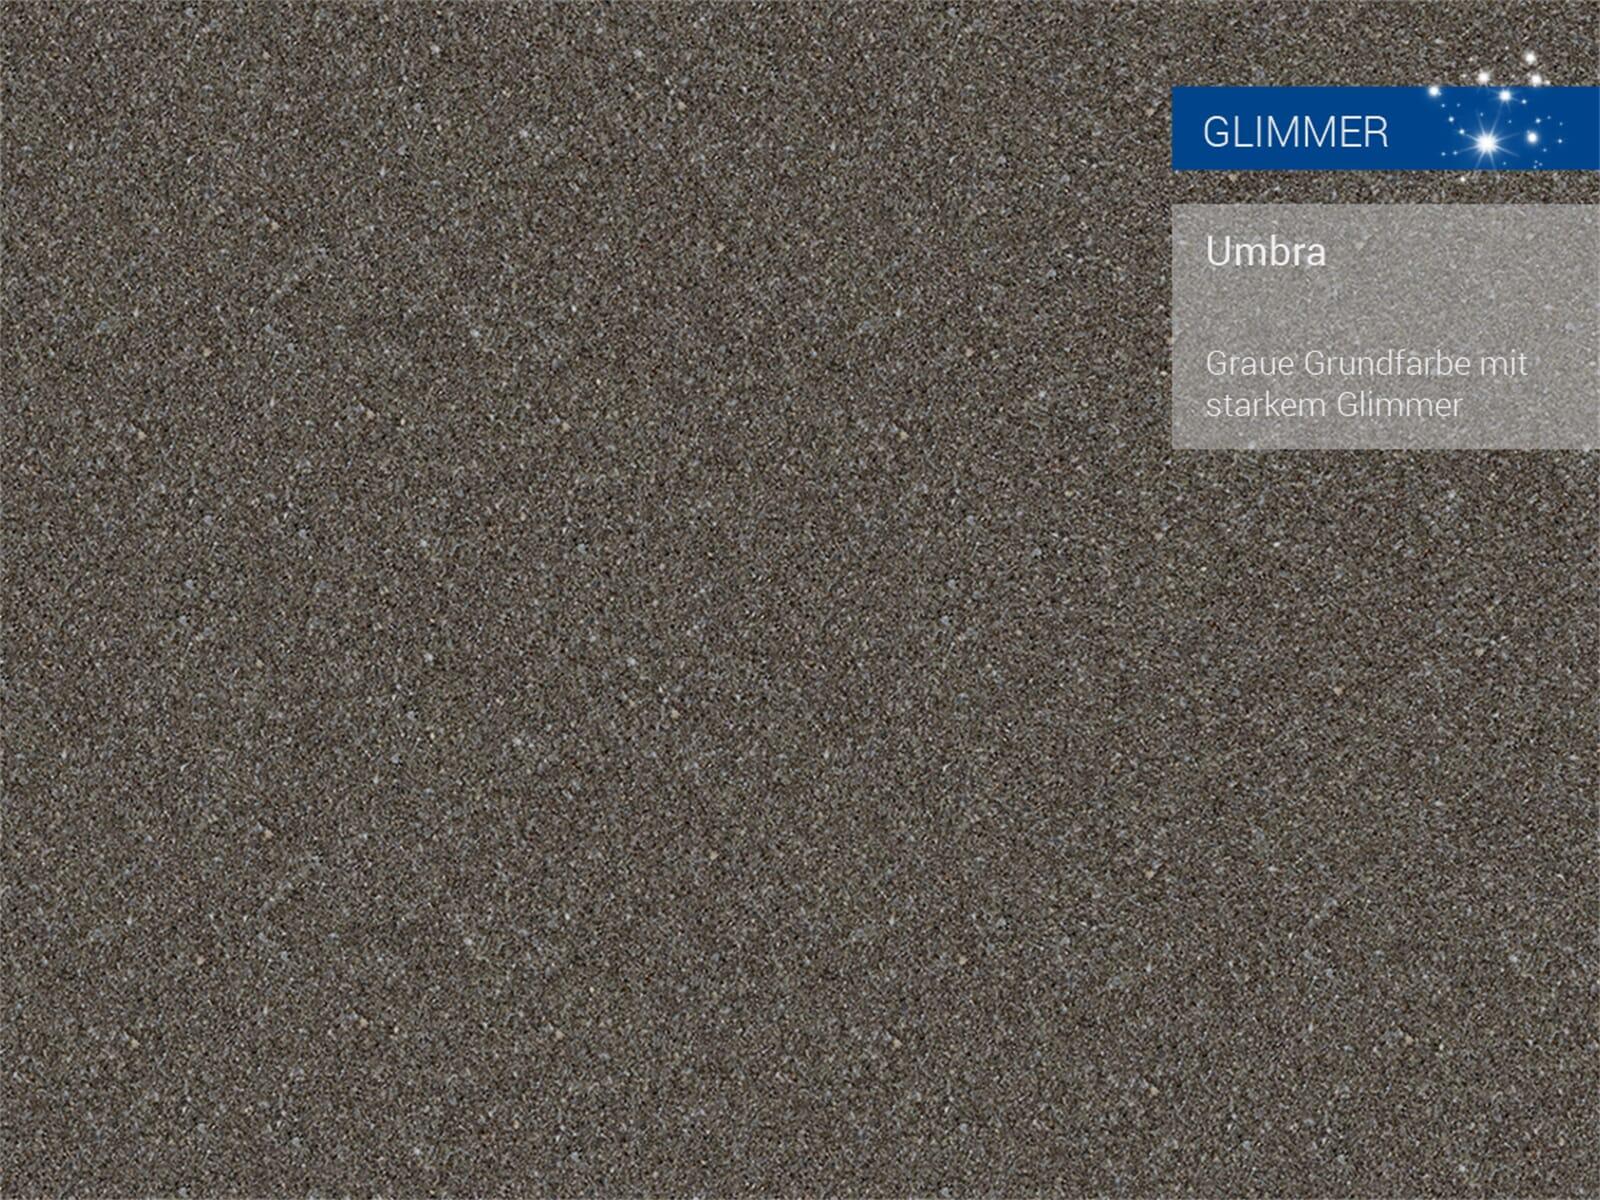 Franke Basis BFG 611-62 Umbra Granitspüle